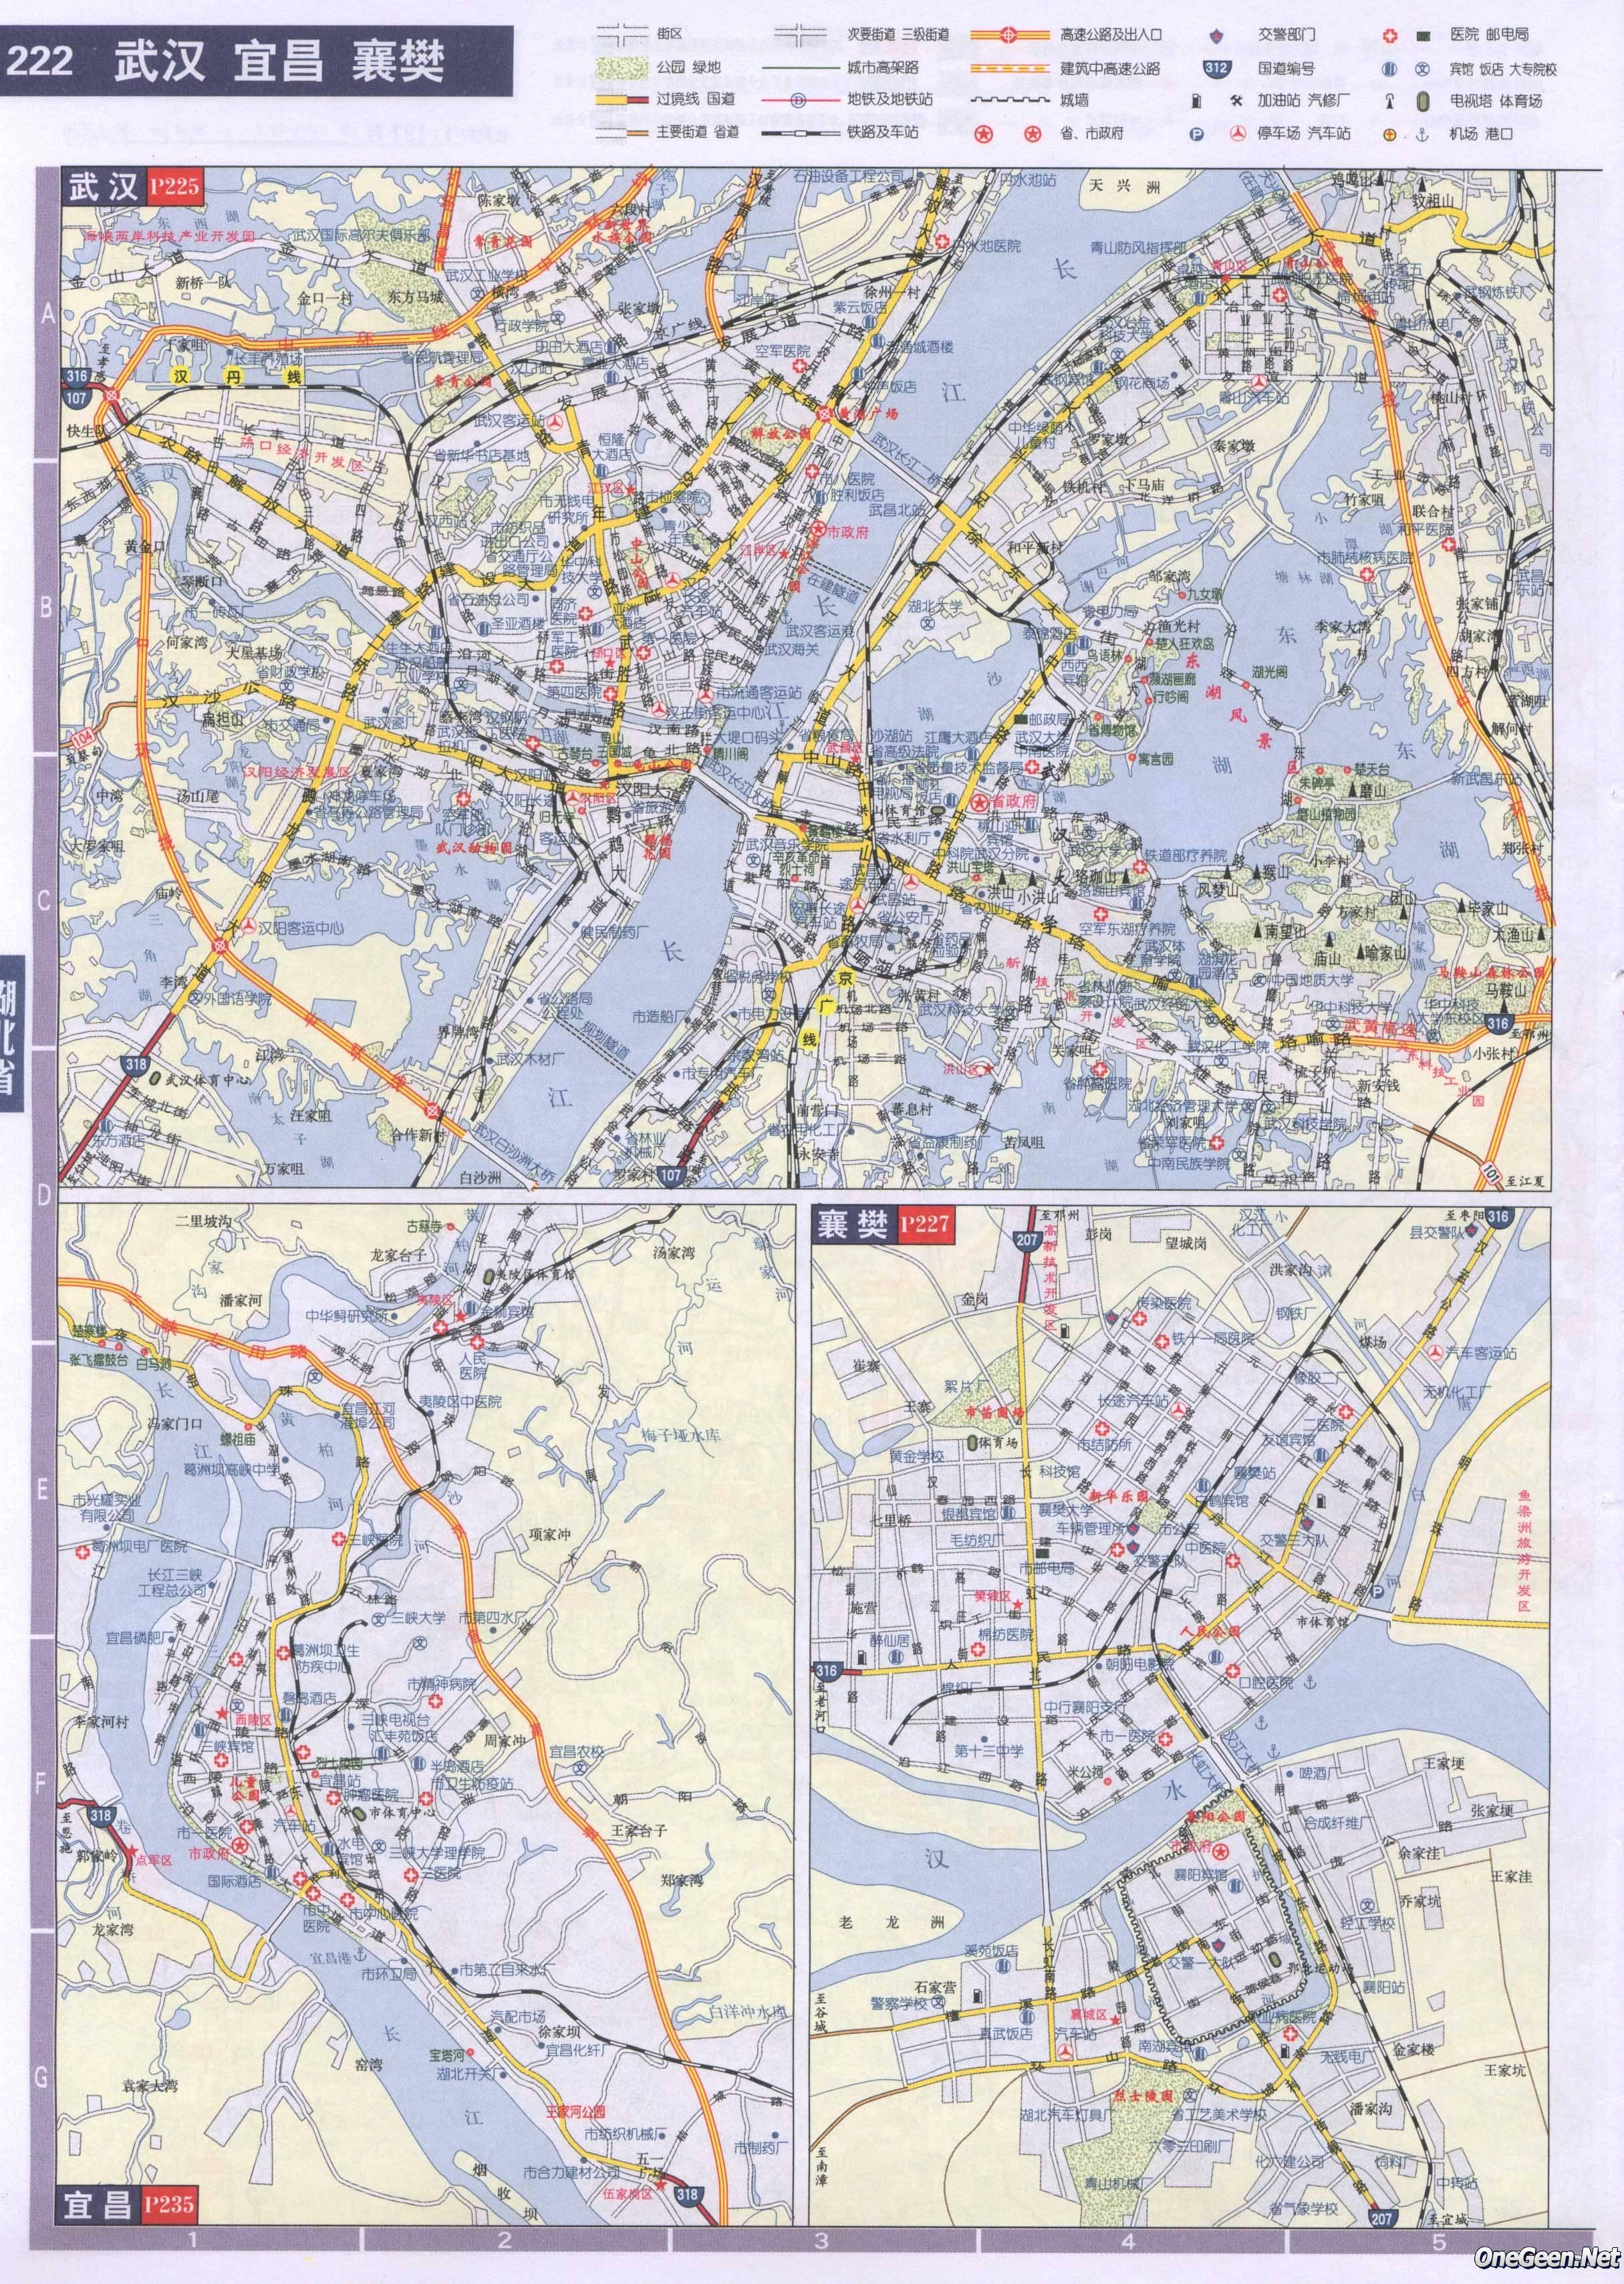 湖北武汉宜昌襄樊交通地图